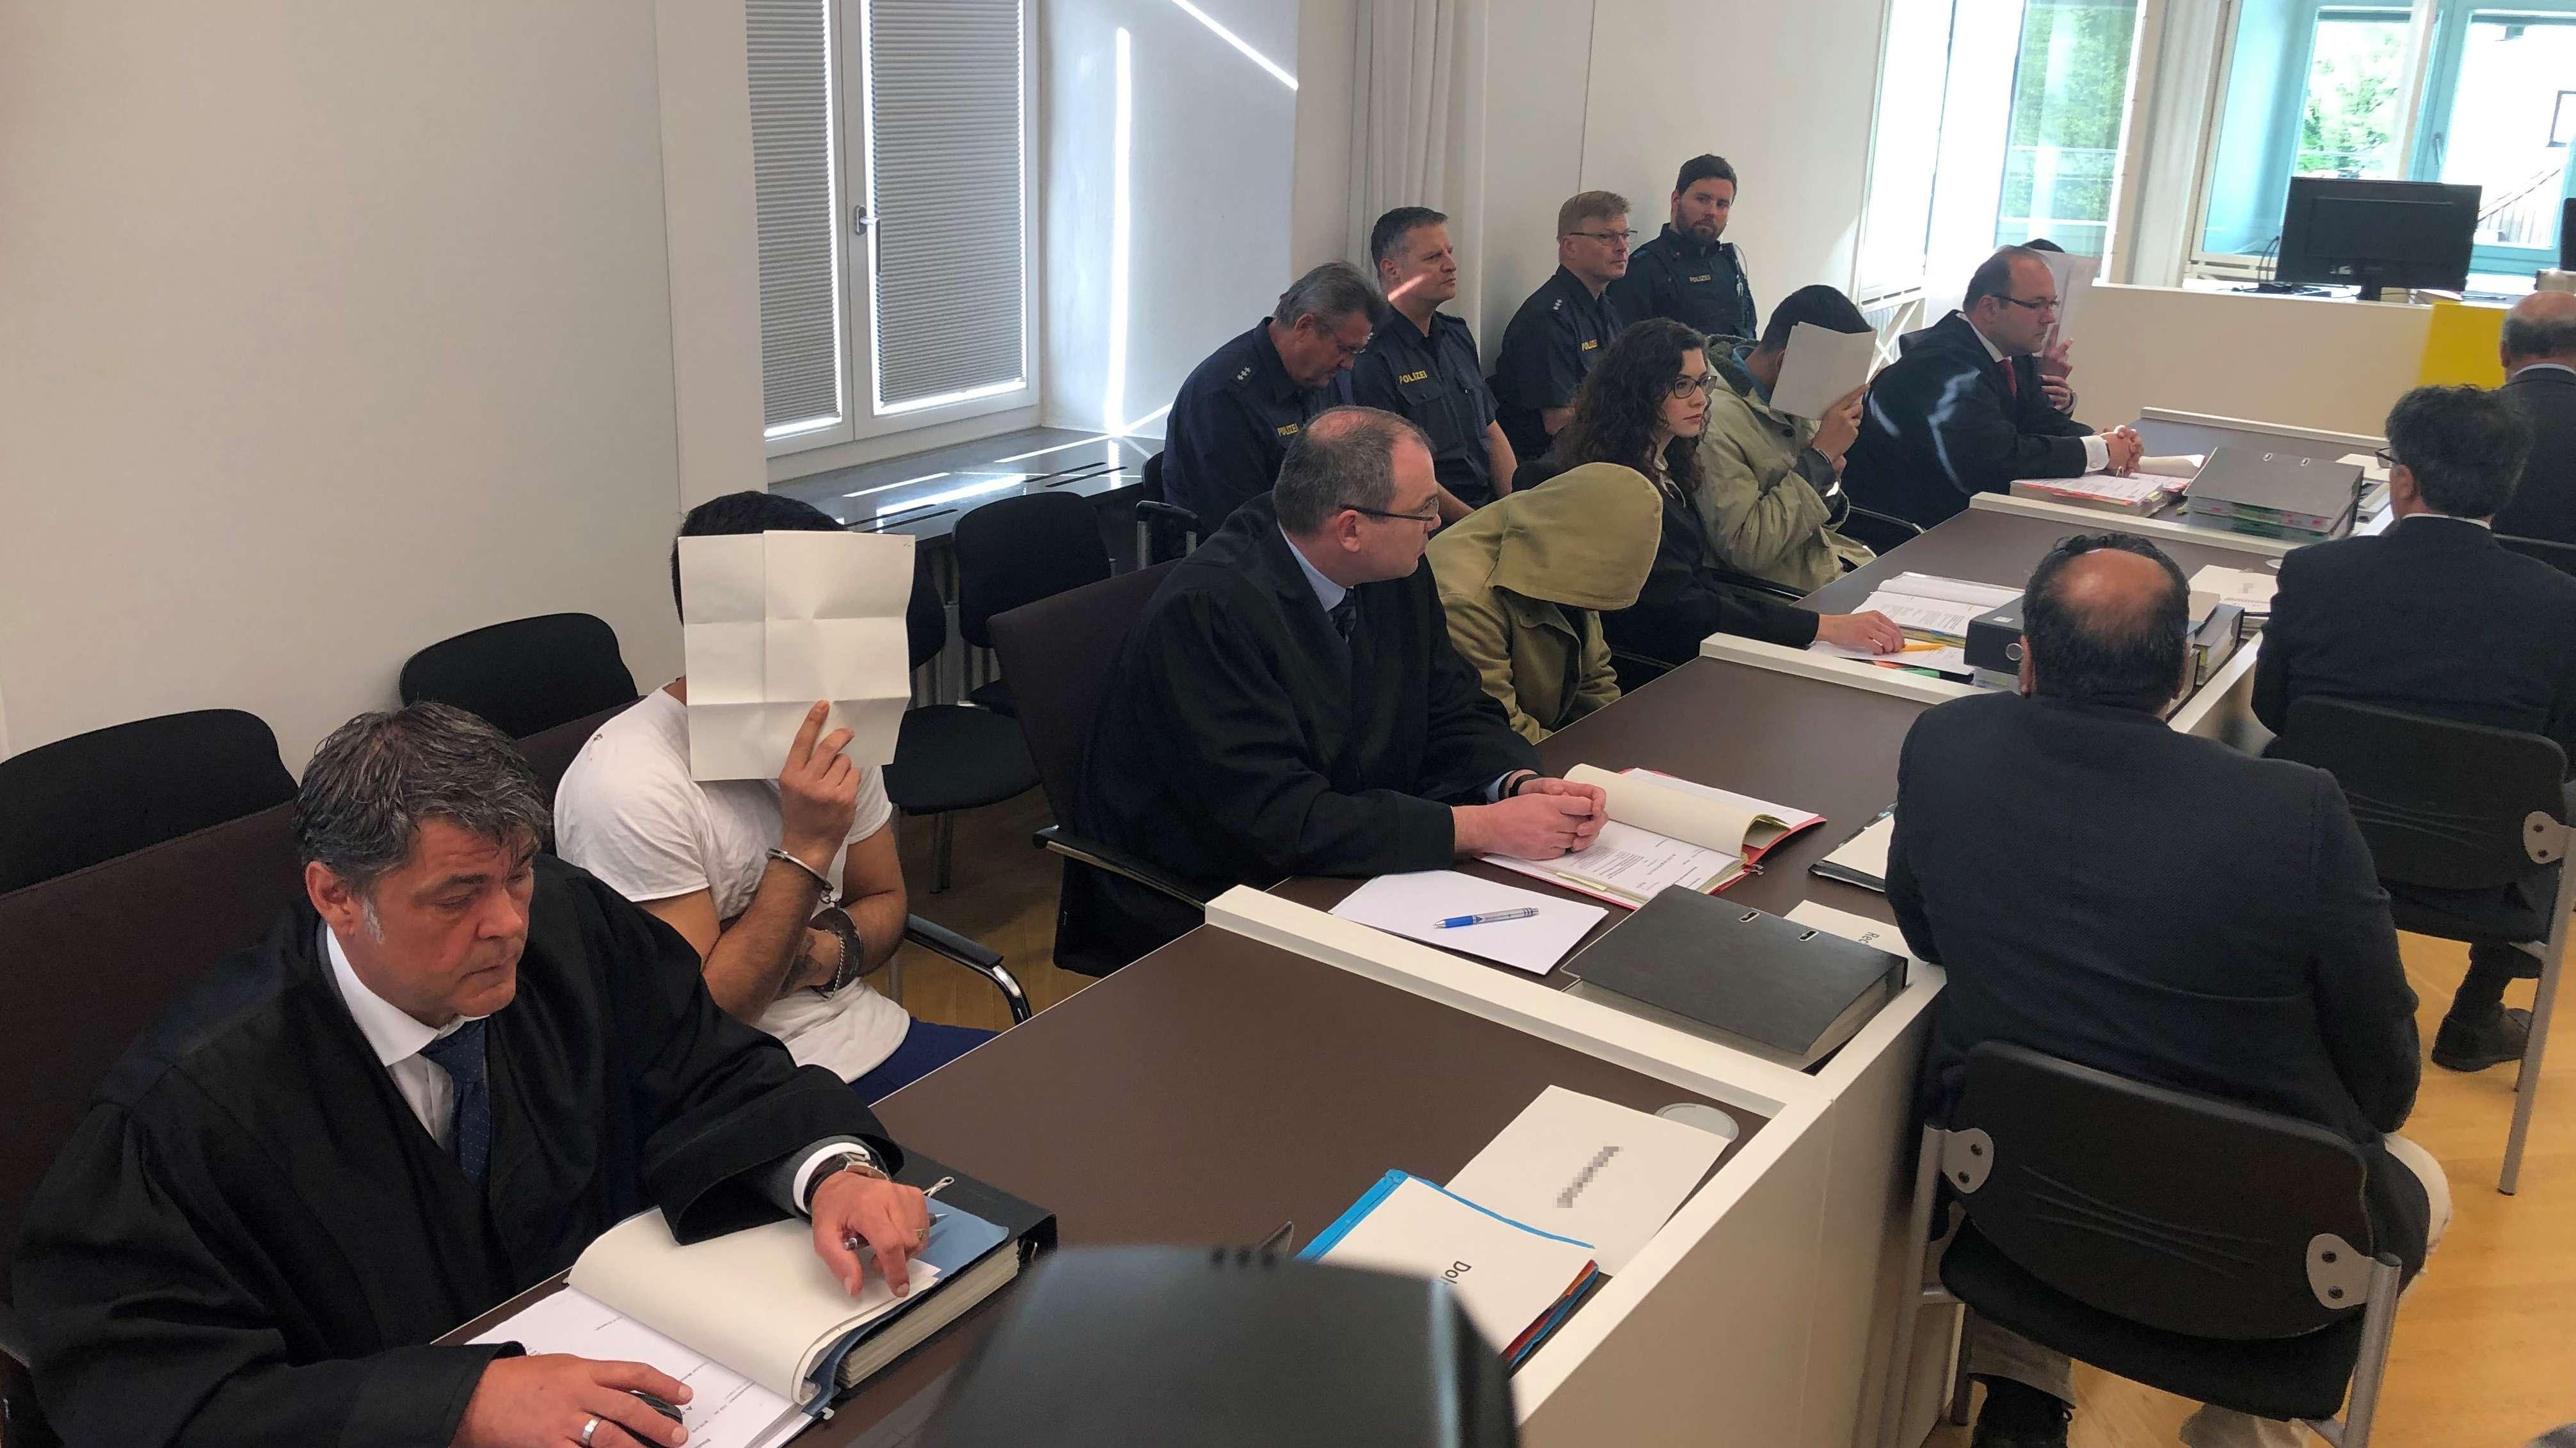 Die vier Männer müssen sich vor dem Amtsgericht Amberg verantworten.